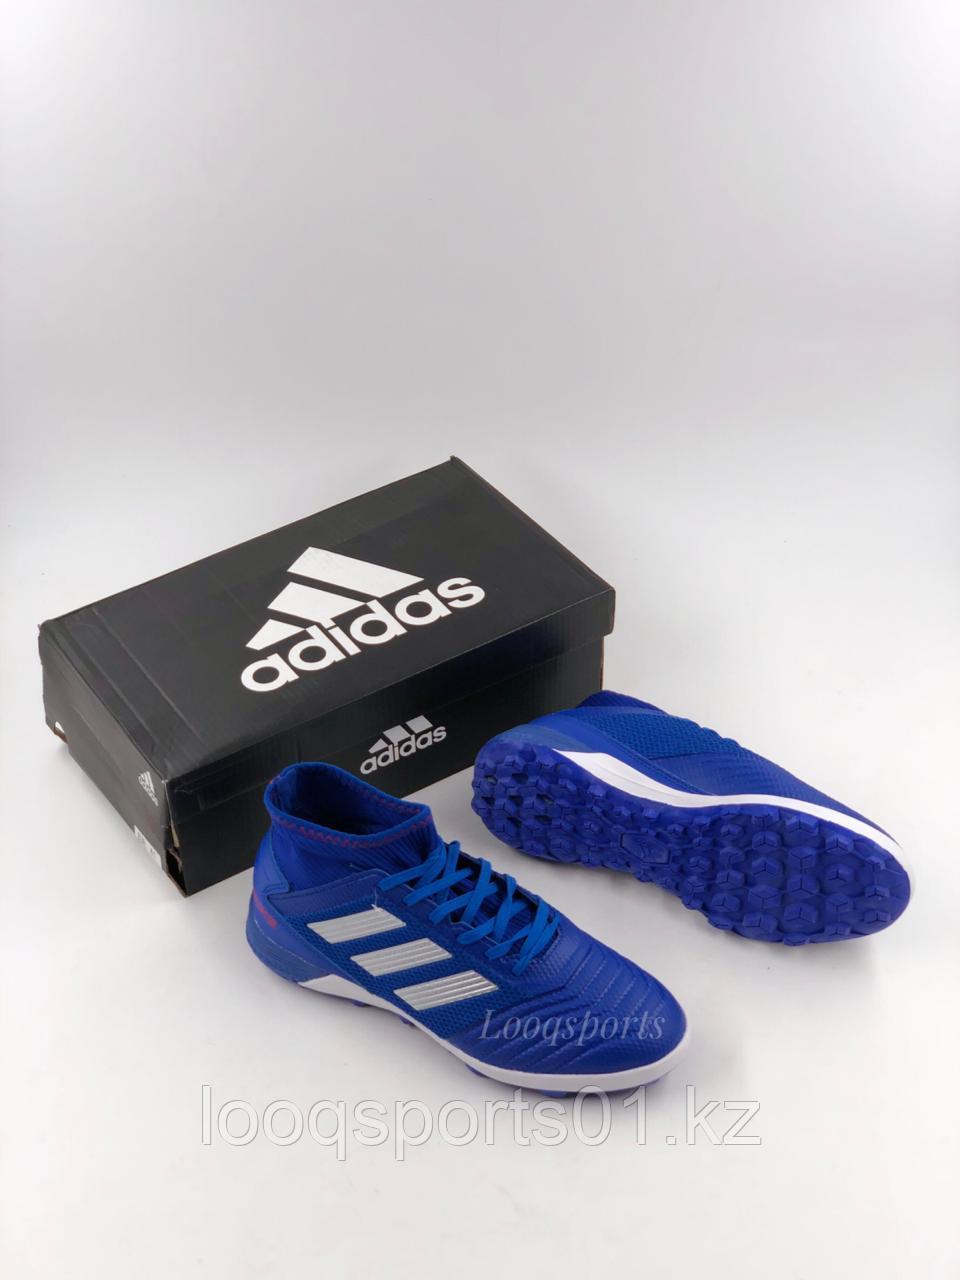 Сороконожки Adidas Predator с носком